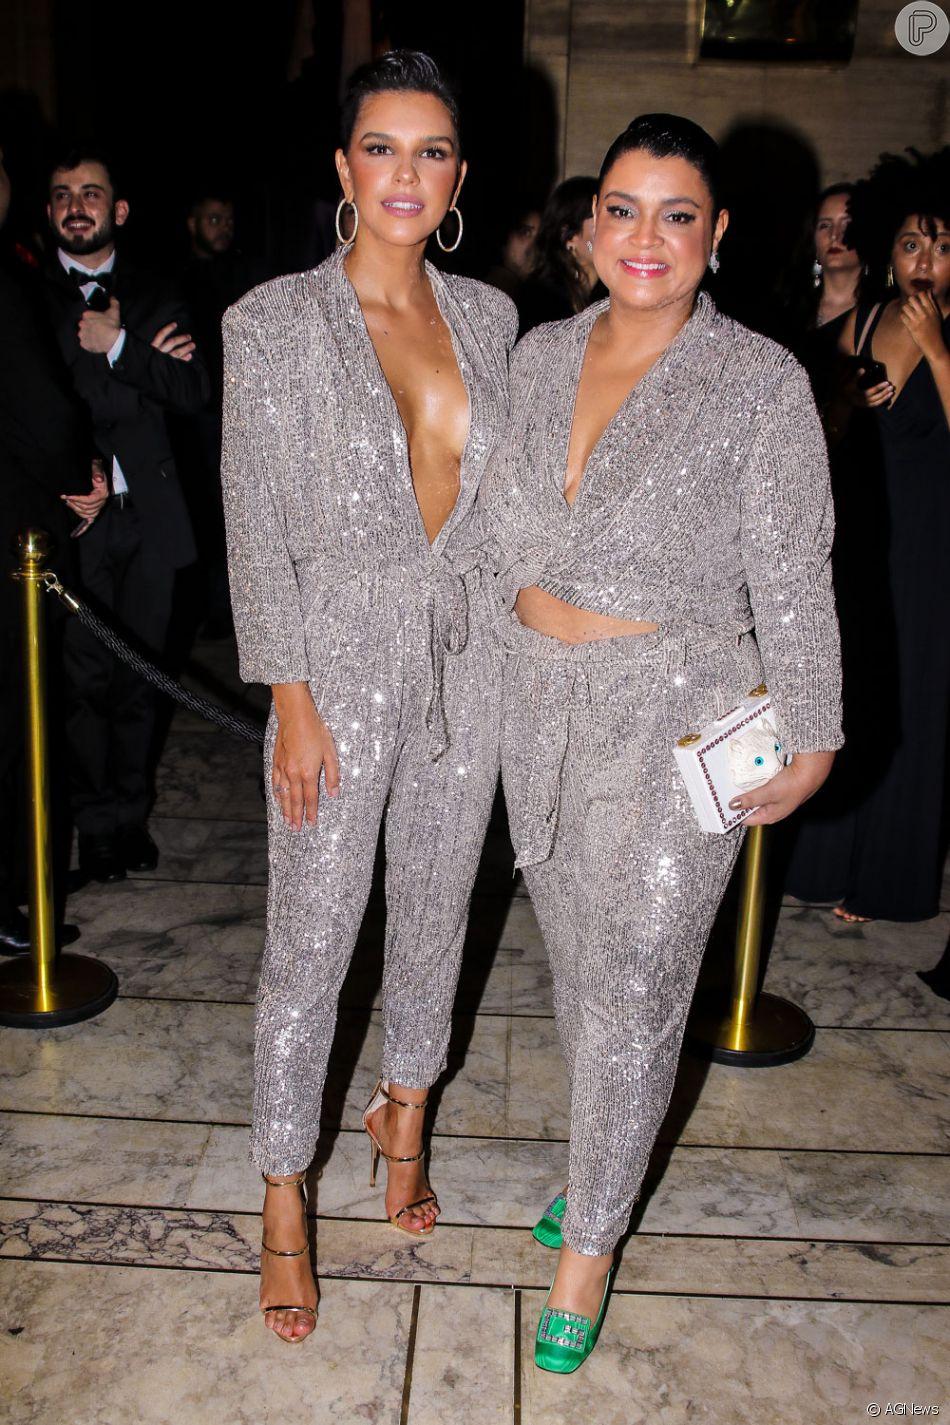 Mariana Rios e Preta Gil surgem com looks iguais em evento de moda